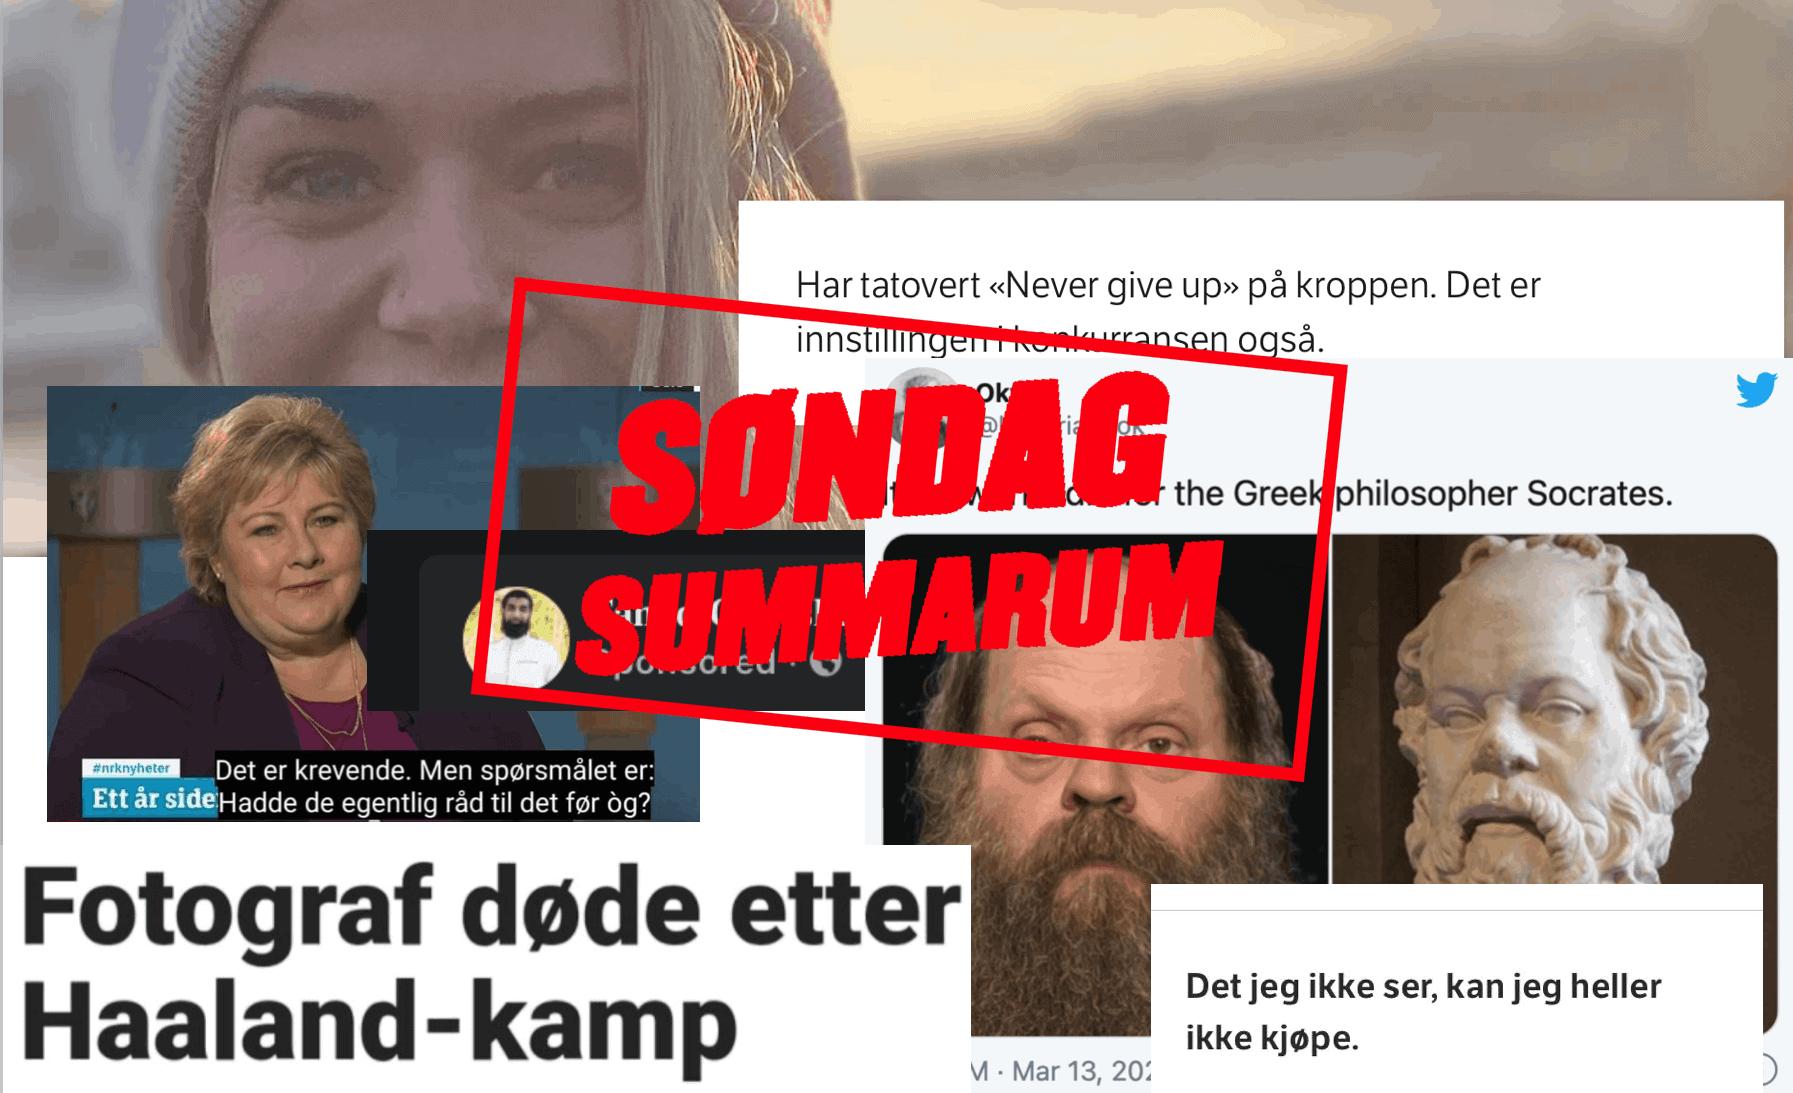 hotte fitte på jakt etter sexy moro i kirkenes enslig kvinne i stockholm ønsker å knulle gift mann